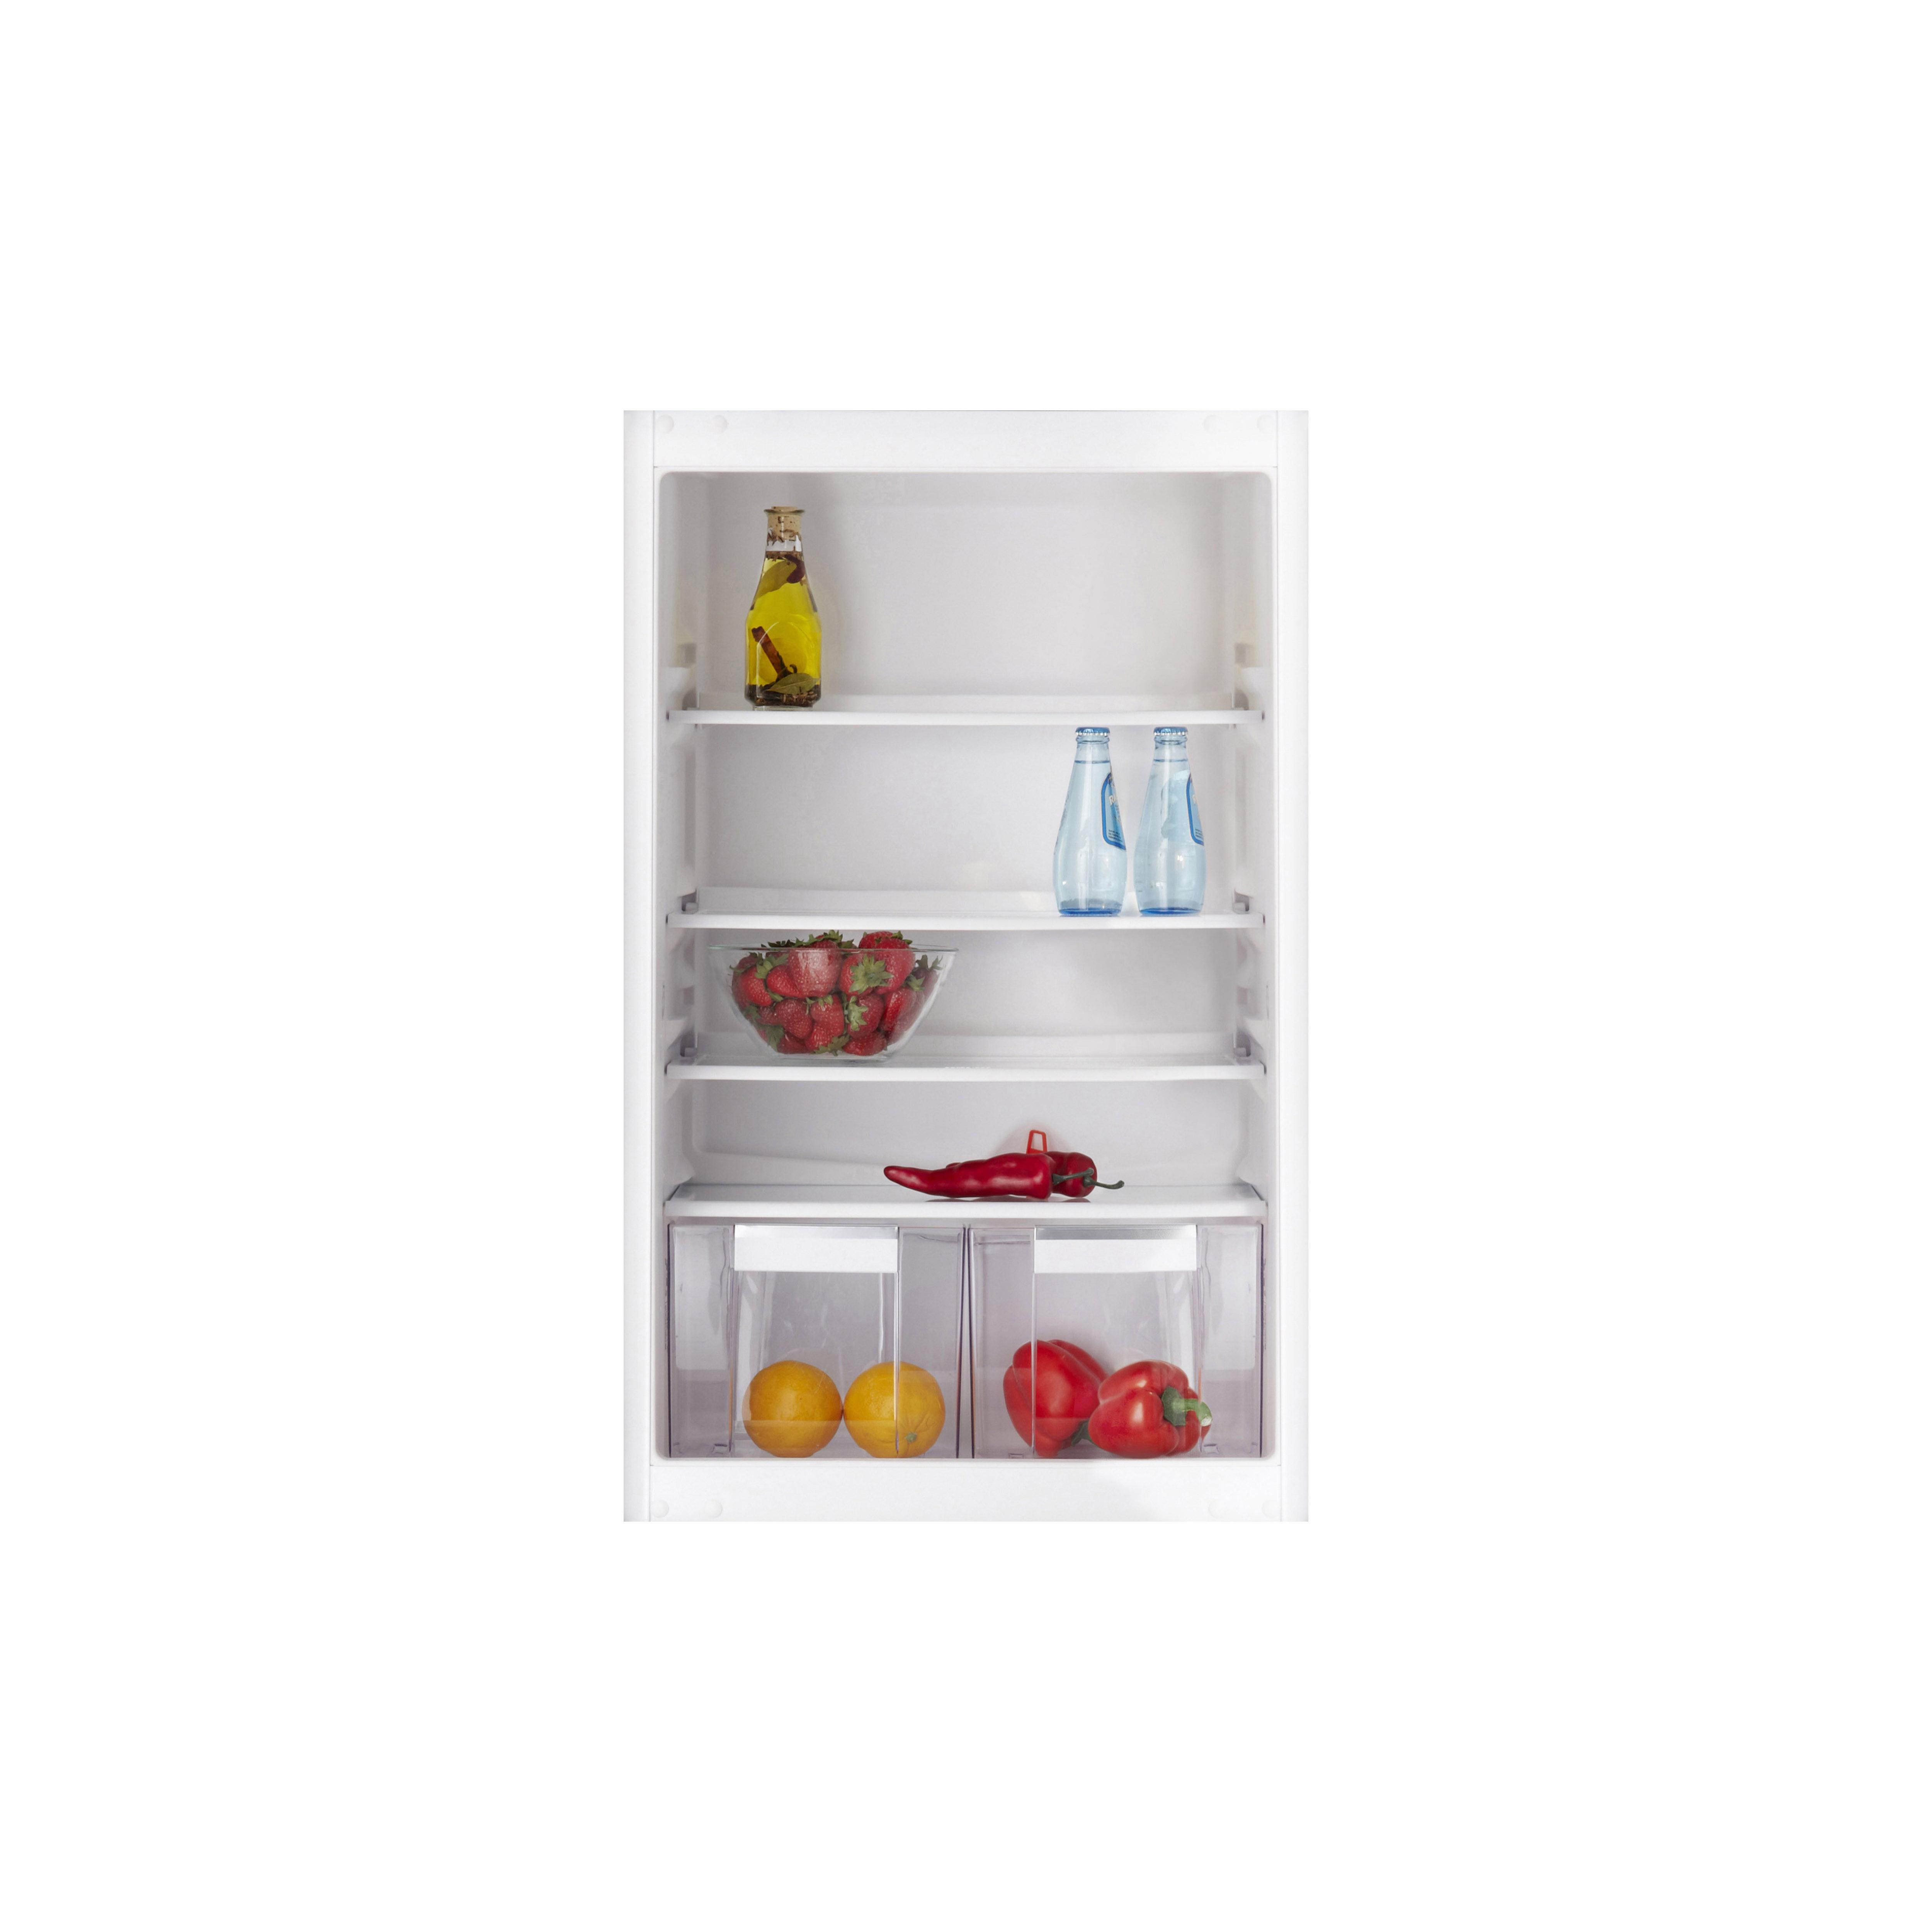 ikea koelkast valt in de prijzen bij de consumentenbond nieuws startpagina voor keuken idee n. Black Bedroom Furniture Sets. Home Design Ideas